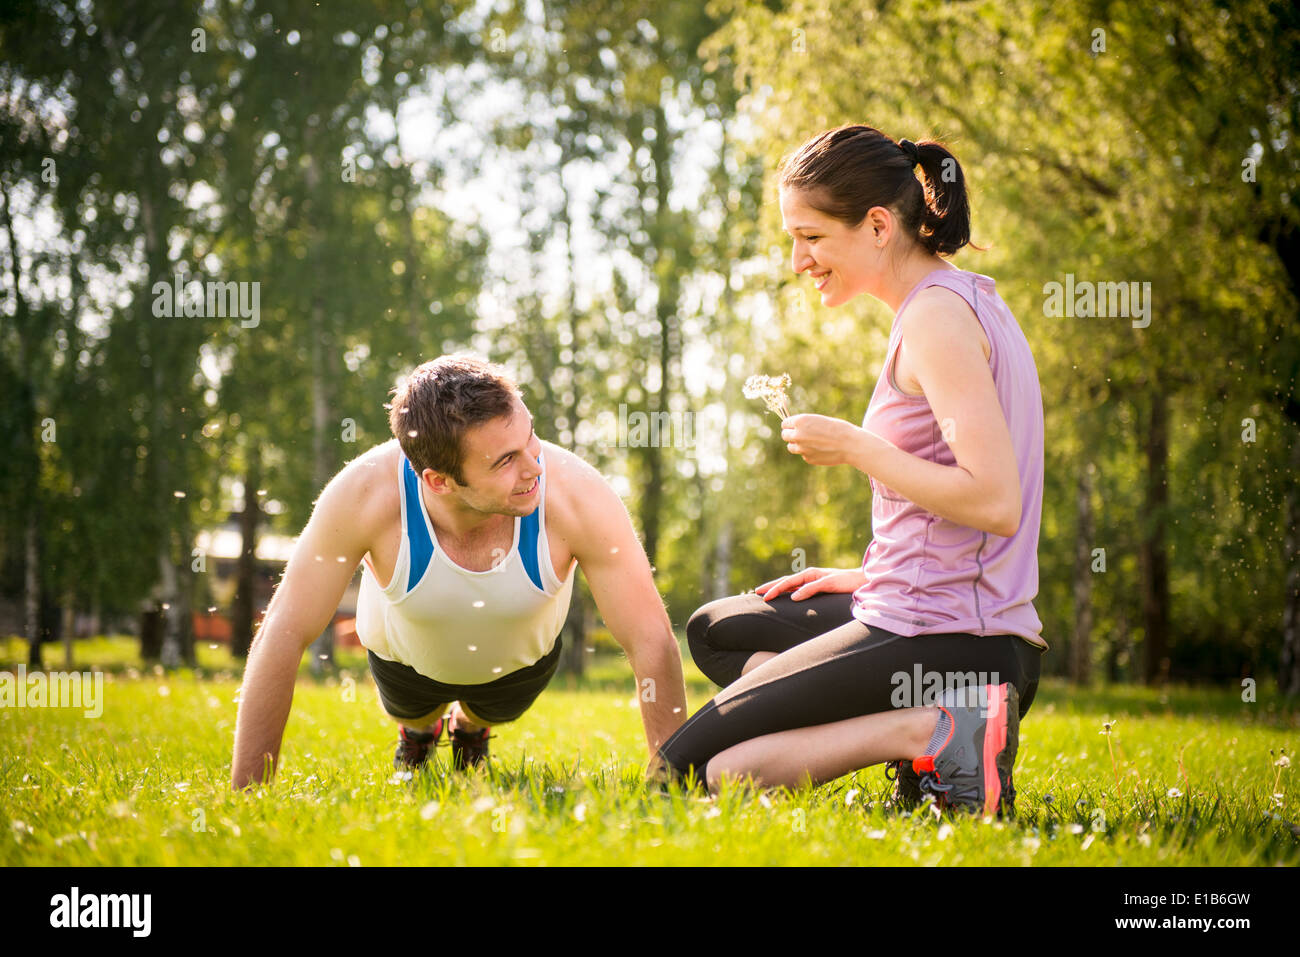 Hombre haciendo push-ups mientras la mujer está soplando sobre él - Semillas de diente de león en Imagen De Stock